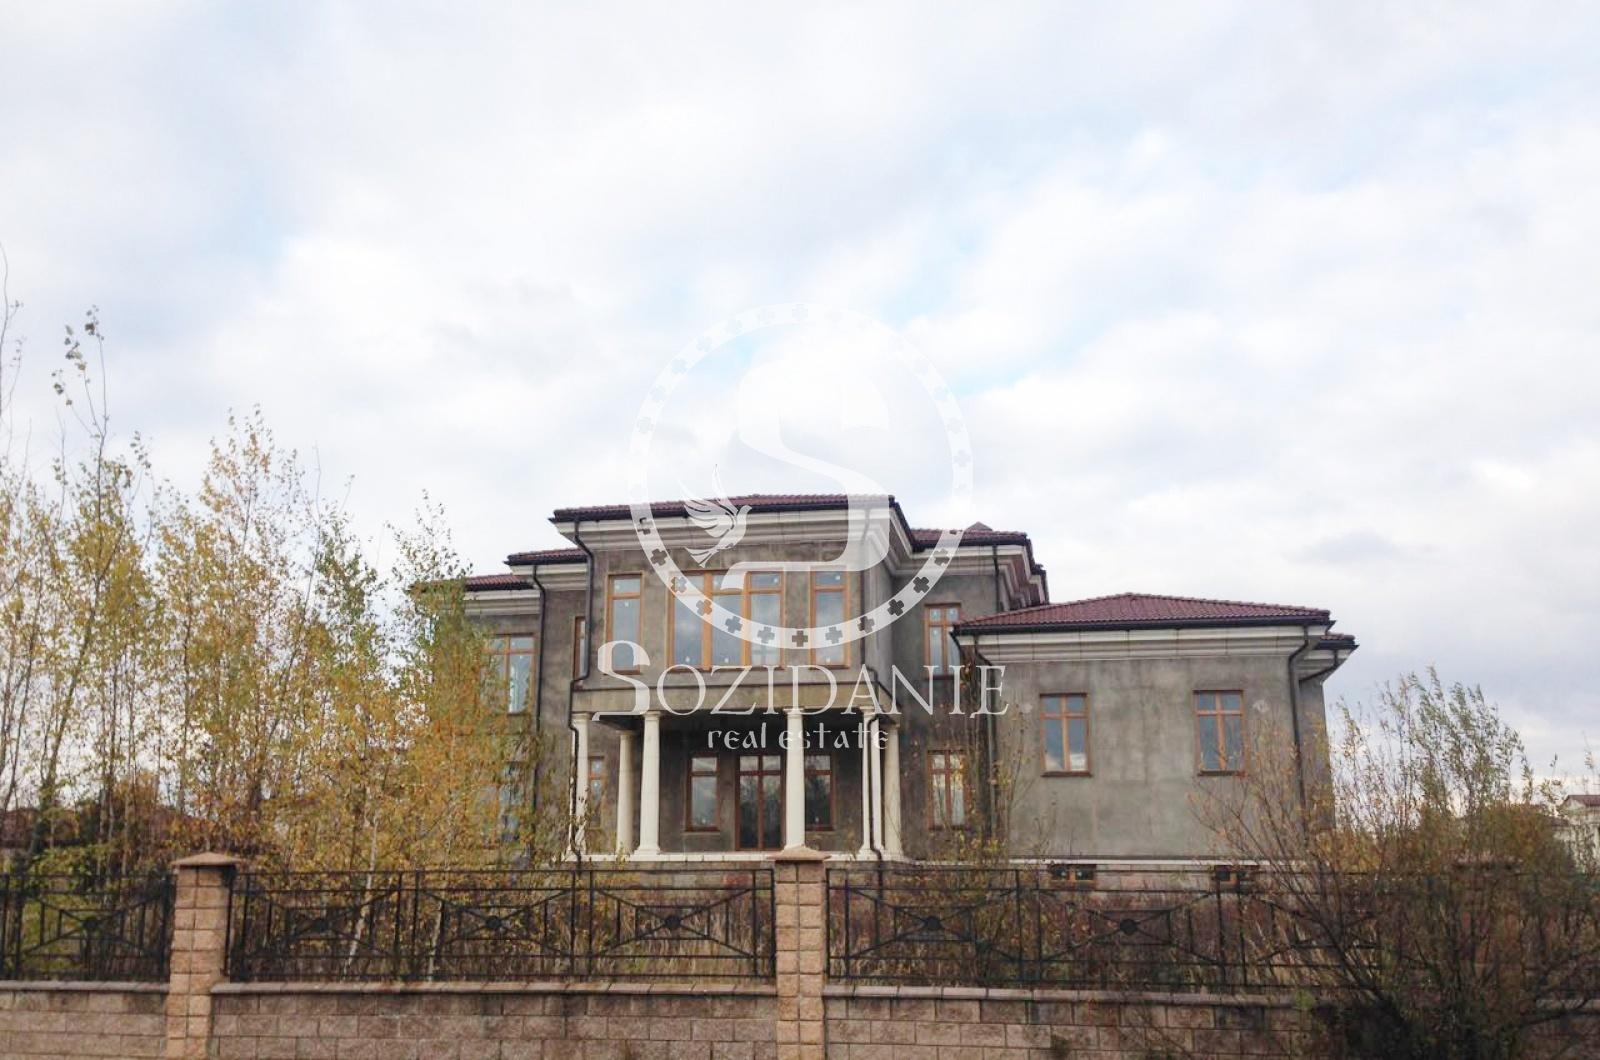 5 Bedrooms, Загородная, Продажа, Listing ID 1081, Московская область, Россия,